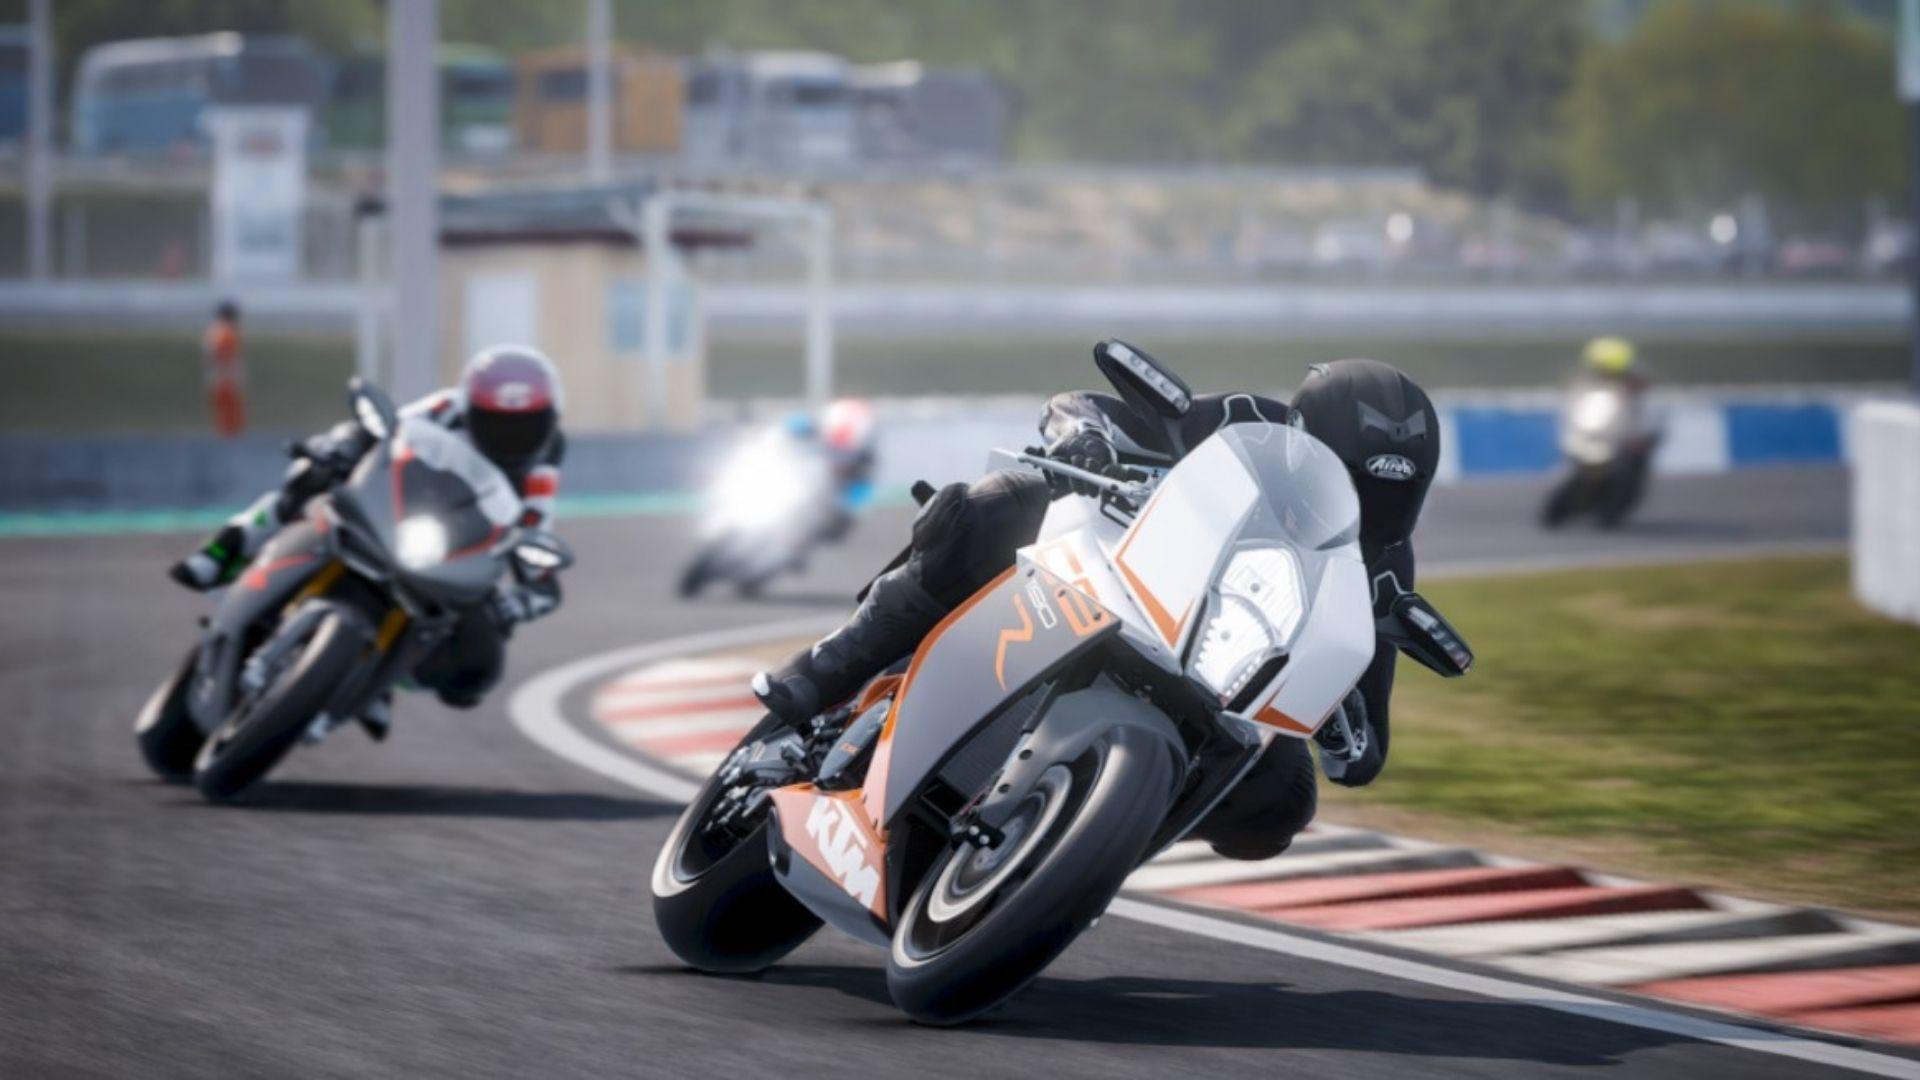 O jogo de corrida de moto da Milestone inova ao trazer ciclo dia e noite para partidas (Foto: Divulgação/Milestone)